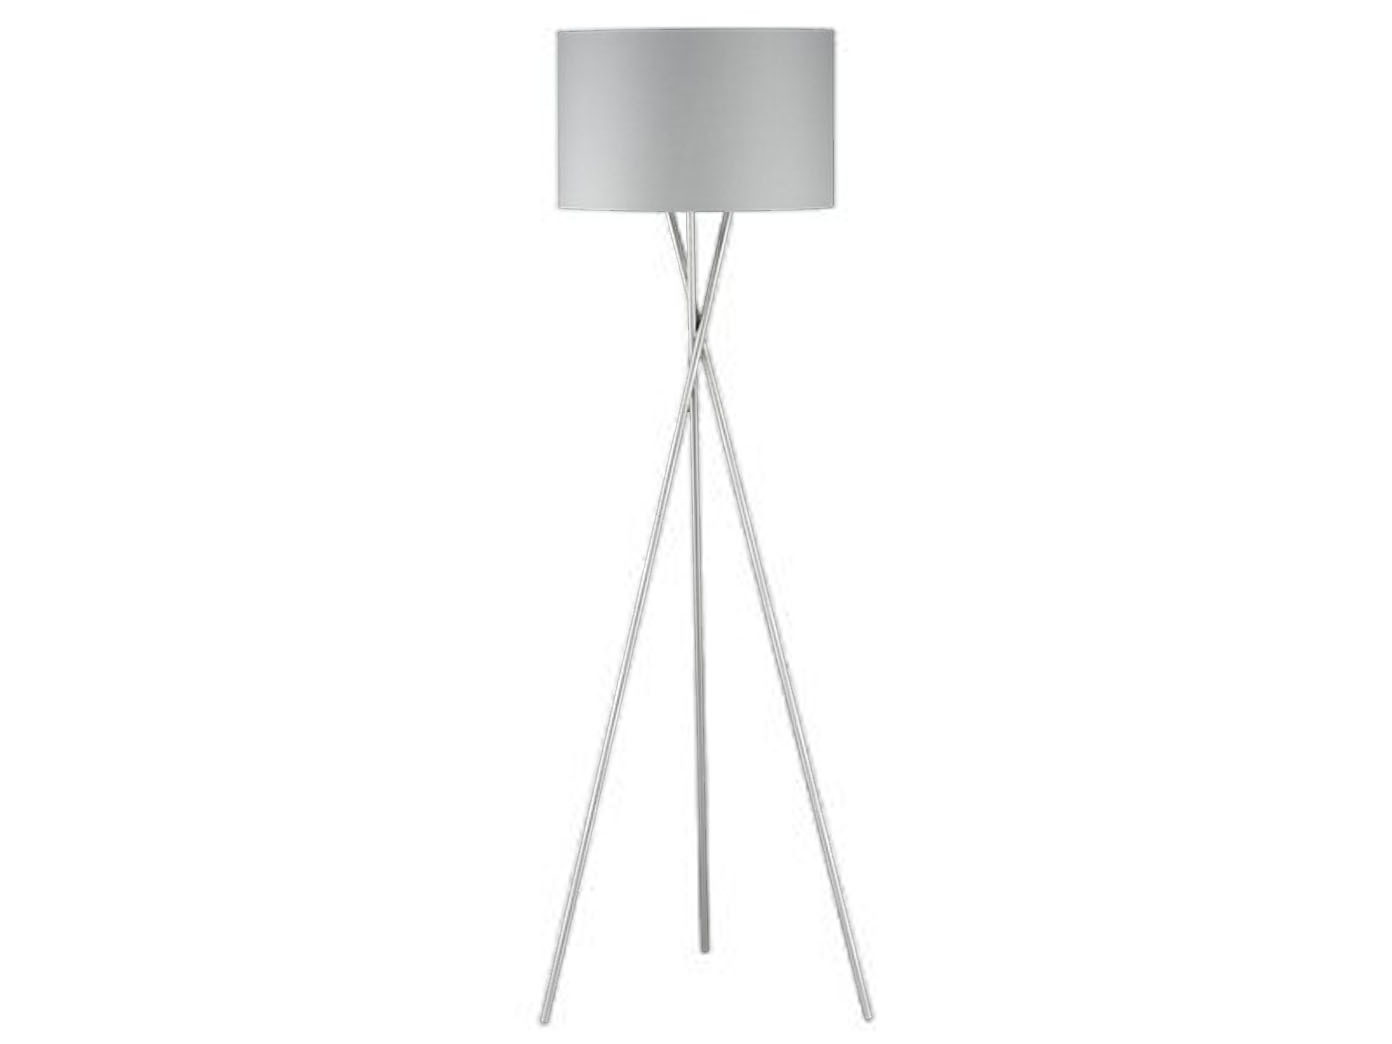 Moderne Design Stehlampe Mit Lampenschirm 54cm Stoff Grau